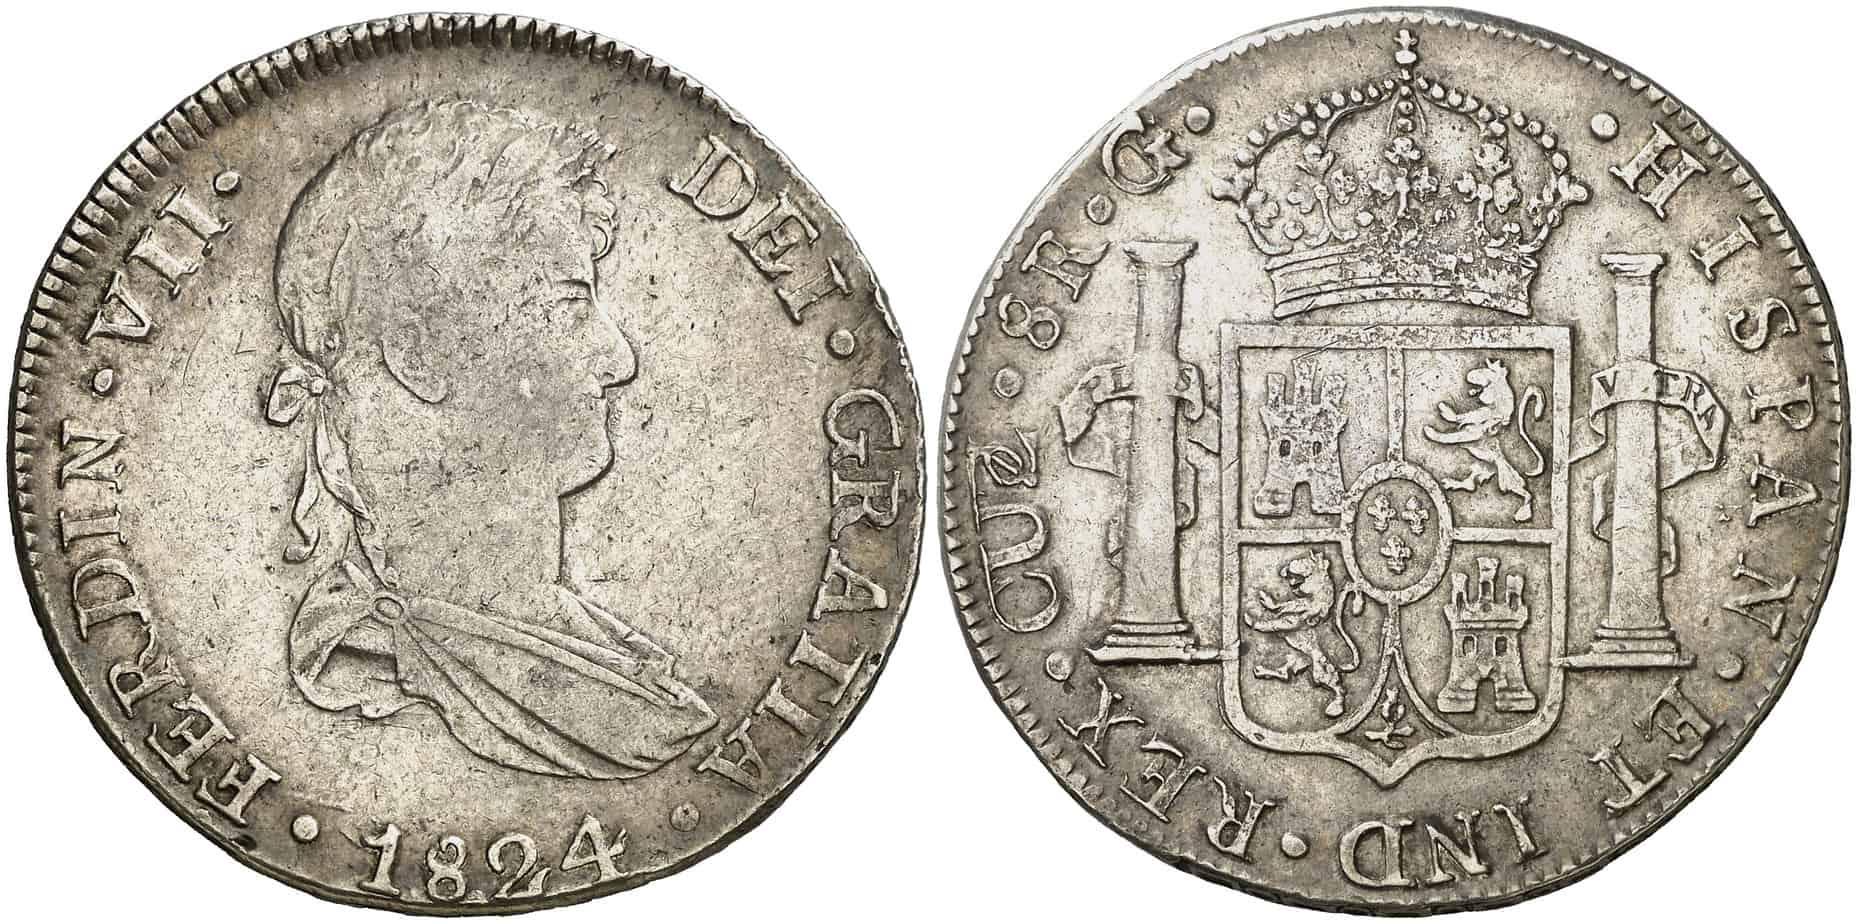 8 reales Cuzco 1824 G sobre T